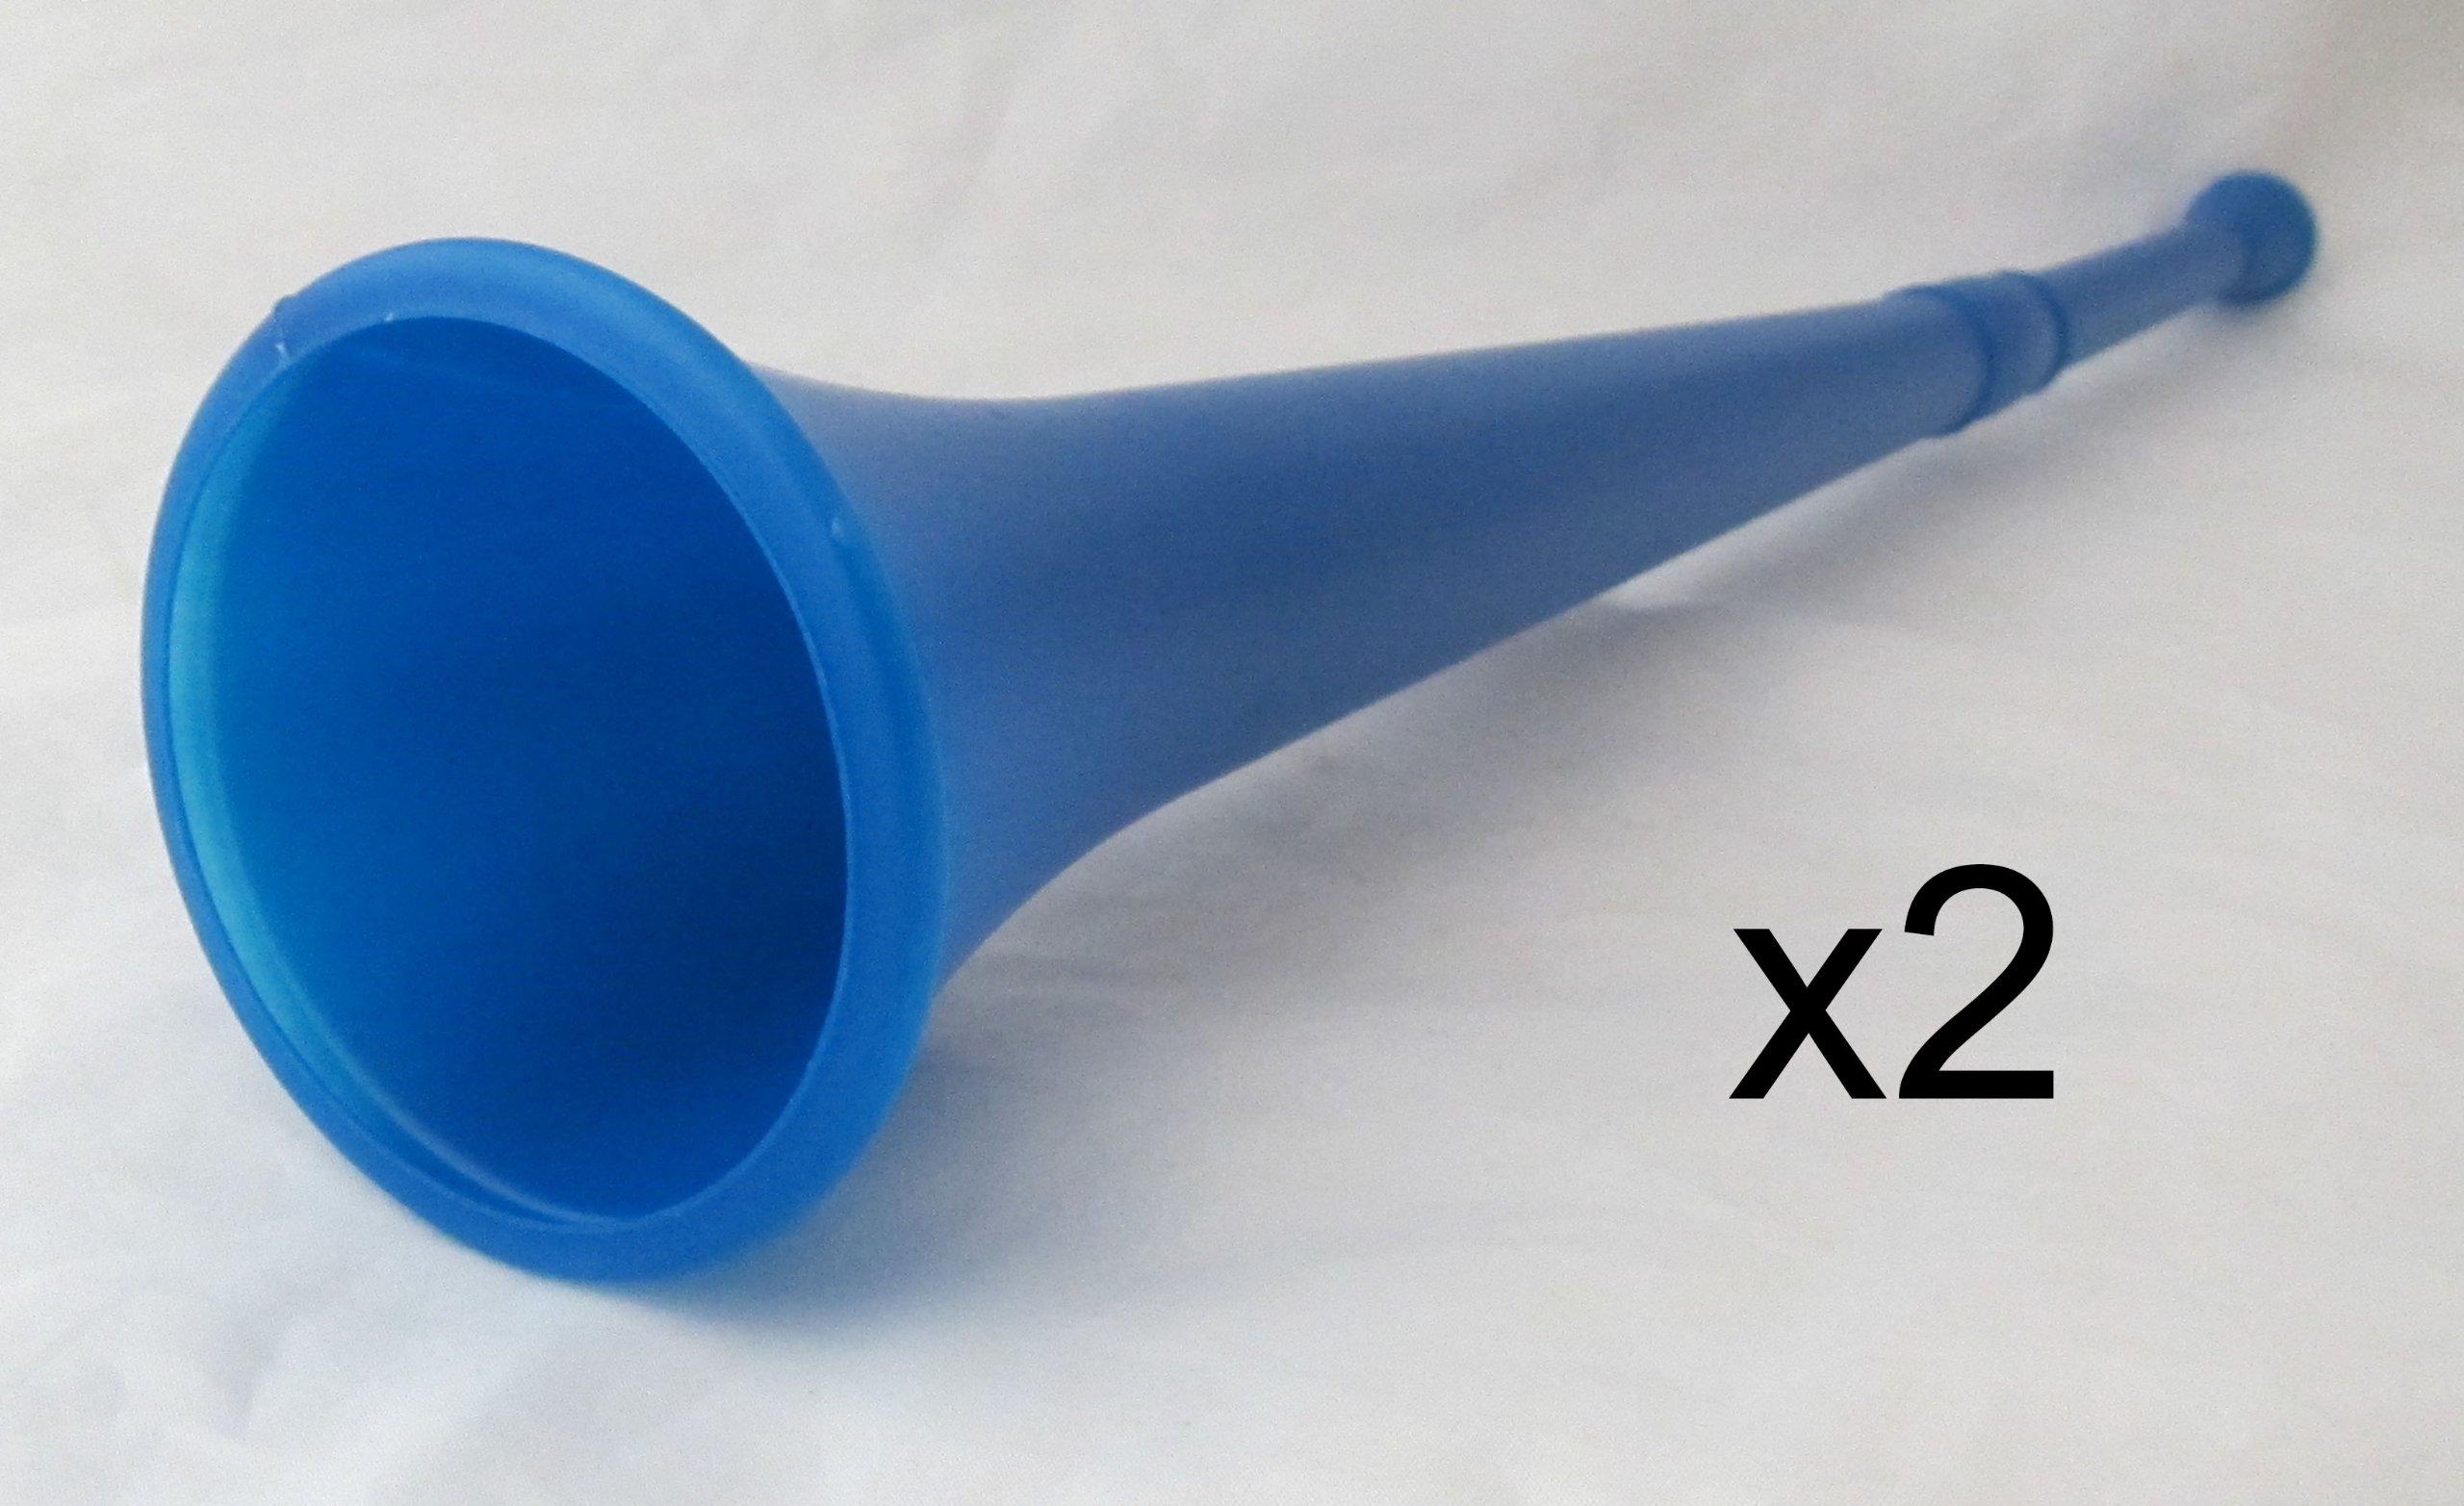 (LOT OF 6) 19 Stadium Horn For Sports Games Vuvuzela Noise Maker - 6 Horns by ROCKYMART by ROCKYMART